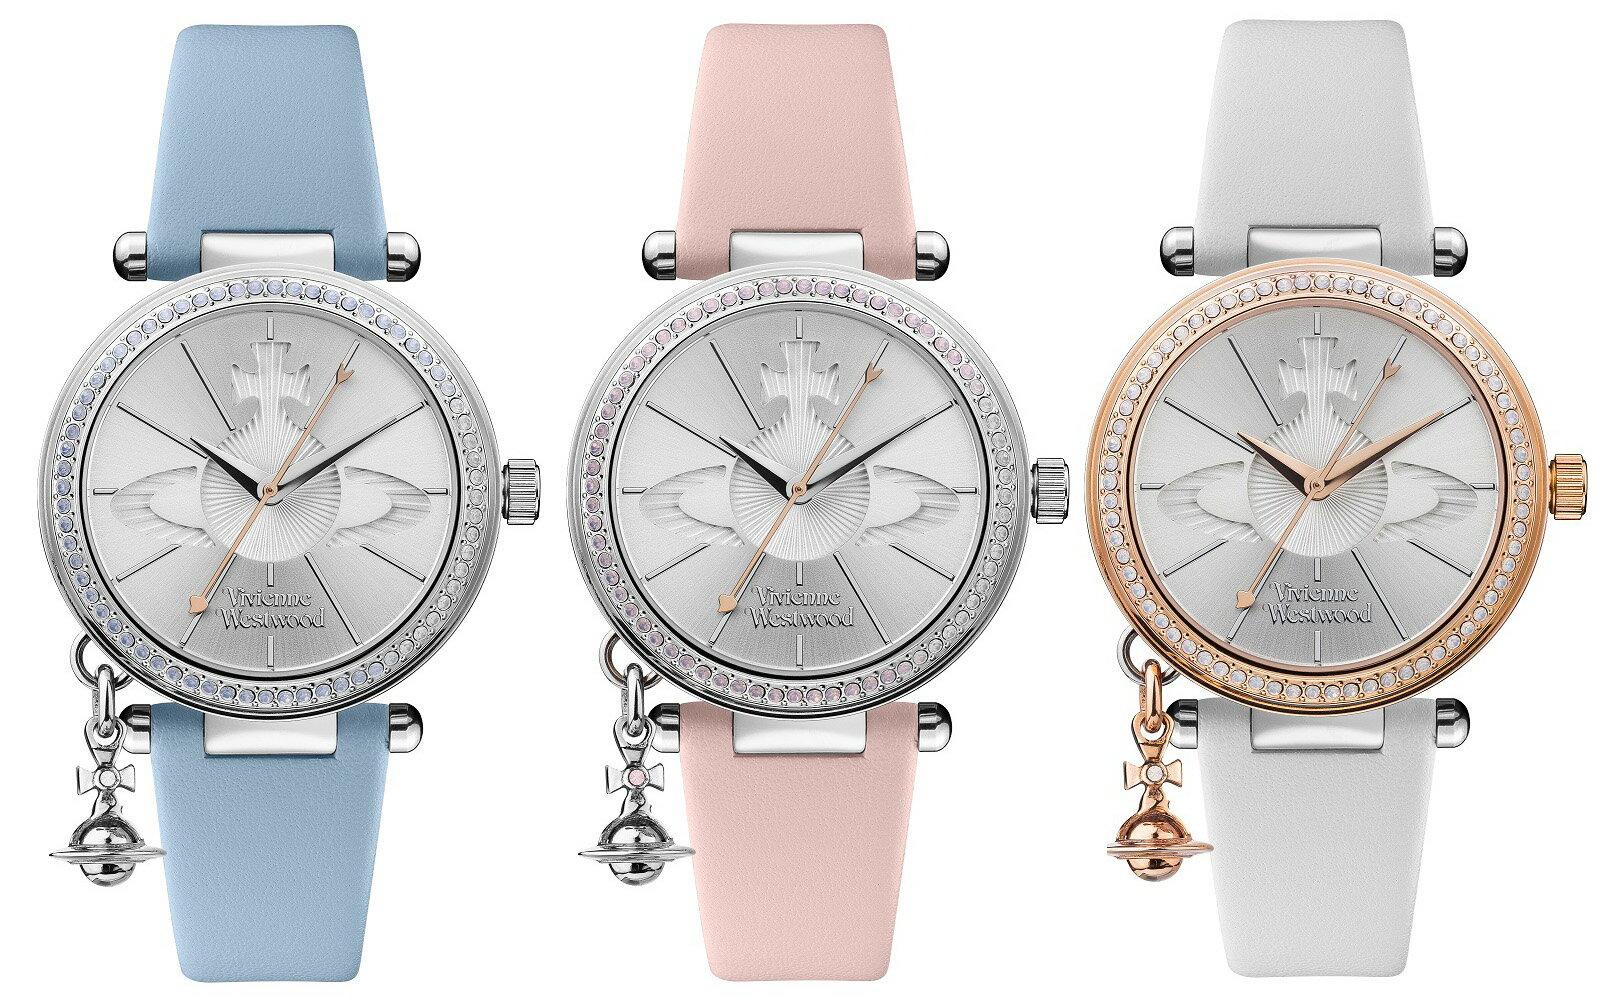 【最新商品】ヴィヴィアン ウエストウッド vivienne westwood 腕時計 レディース オーブ ブルー ホワイト ピンク ペア VV006BLBL VV006RSWH VV006SLPK